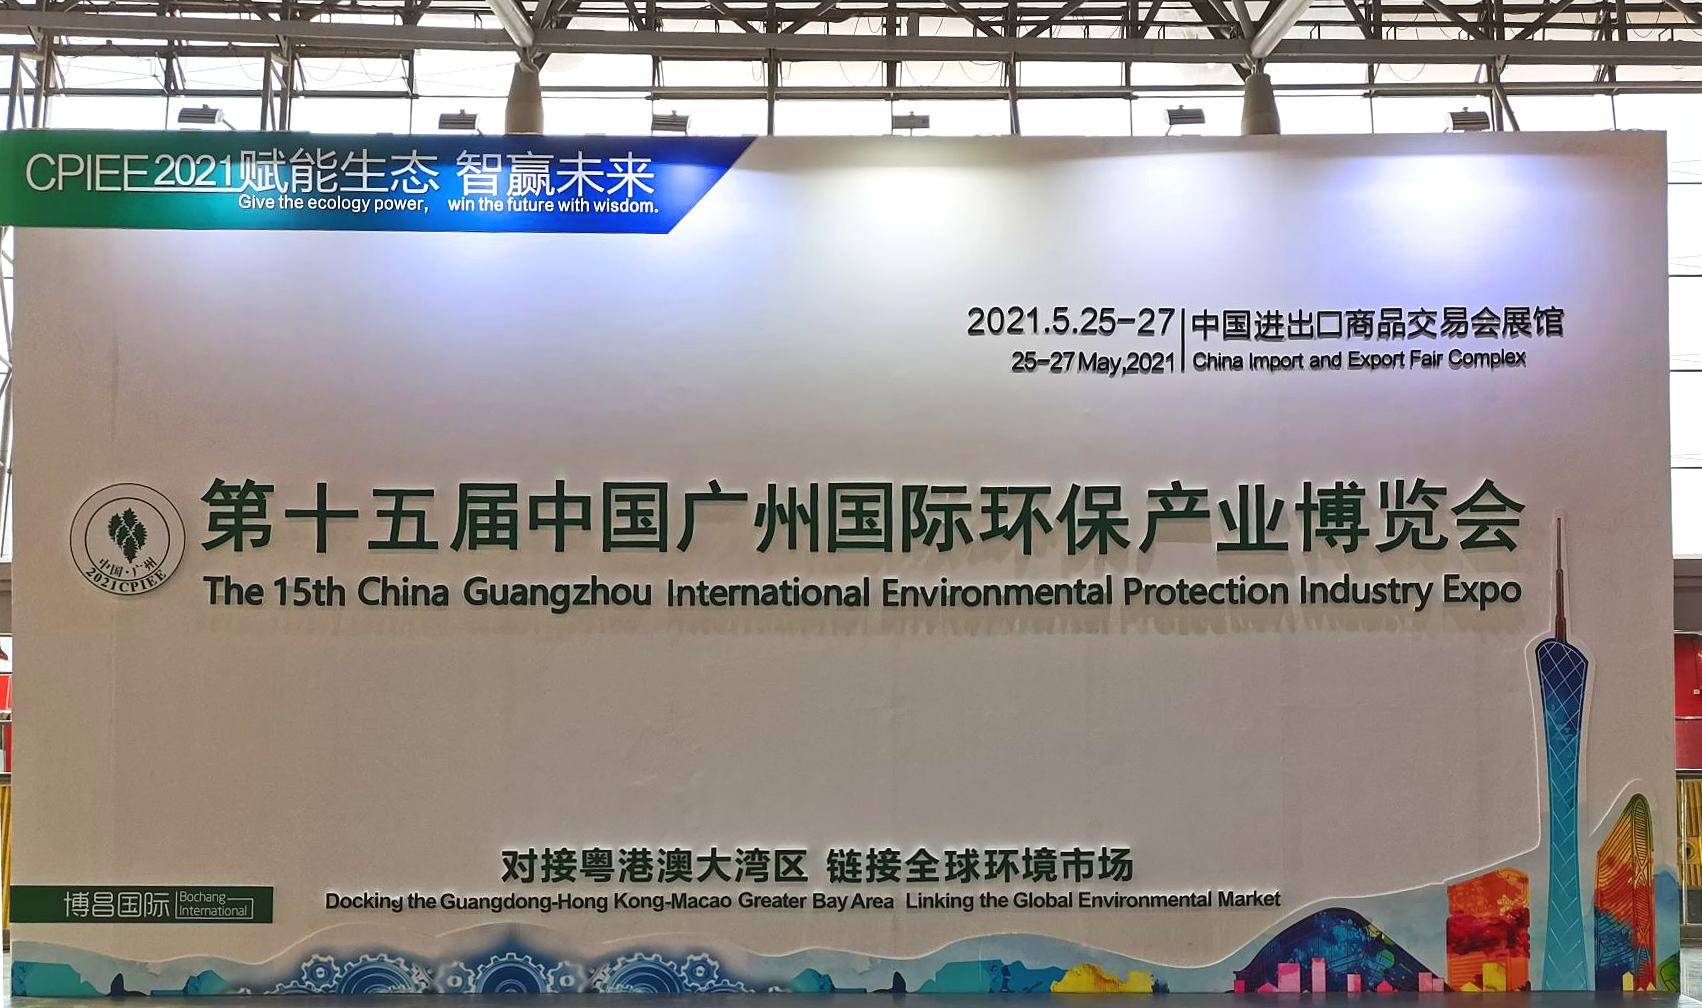 先睹為快! 化工儀器網帶您展前探館CPIEE2021中國環保展